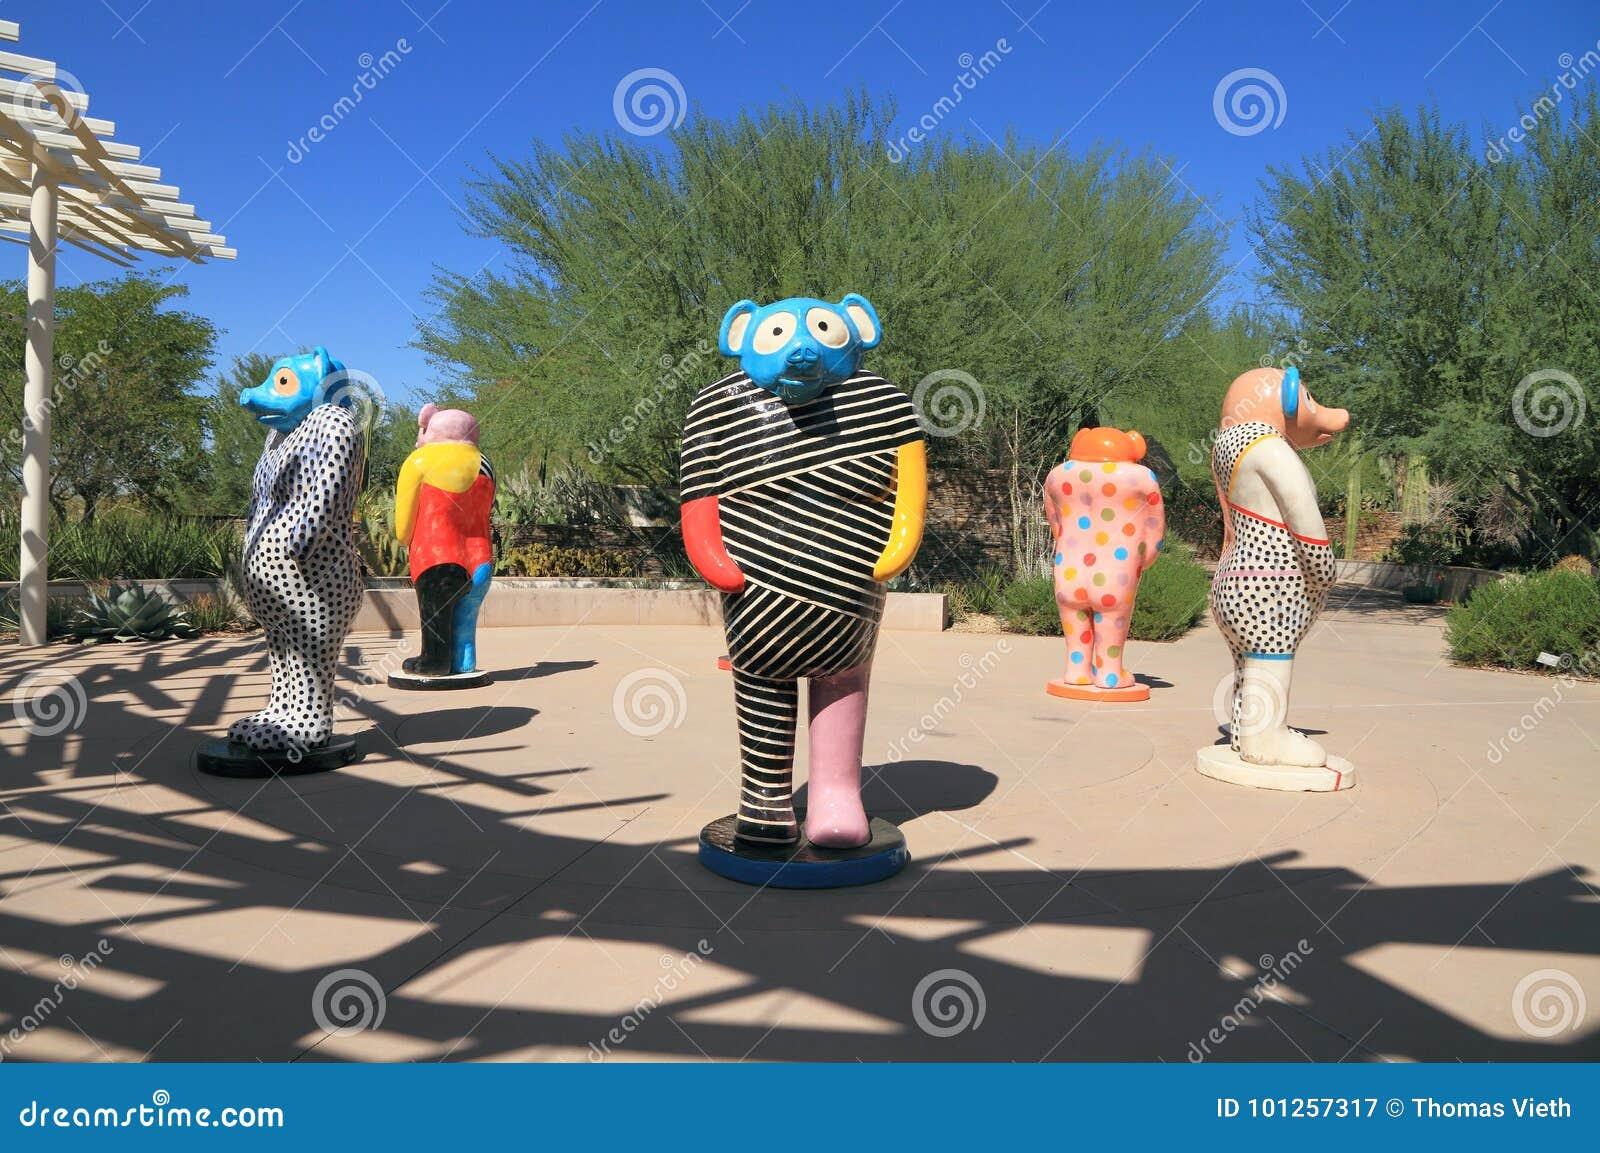 Феникс/Tempe, Аризона: Скульптуры июня Kaneko в саде пустыни ботаническом